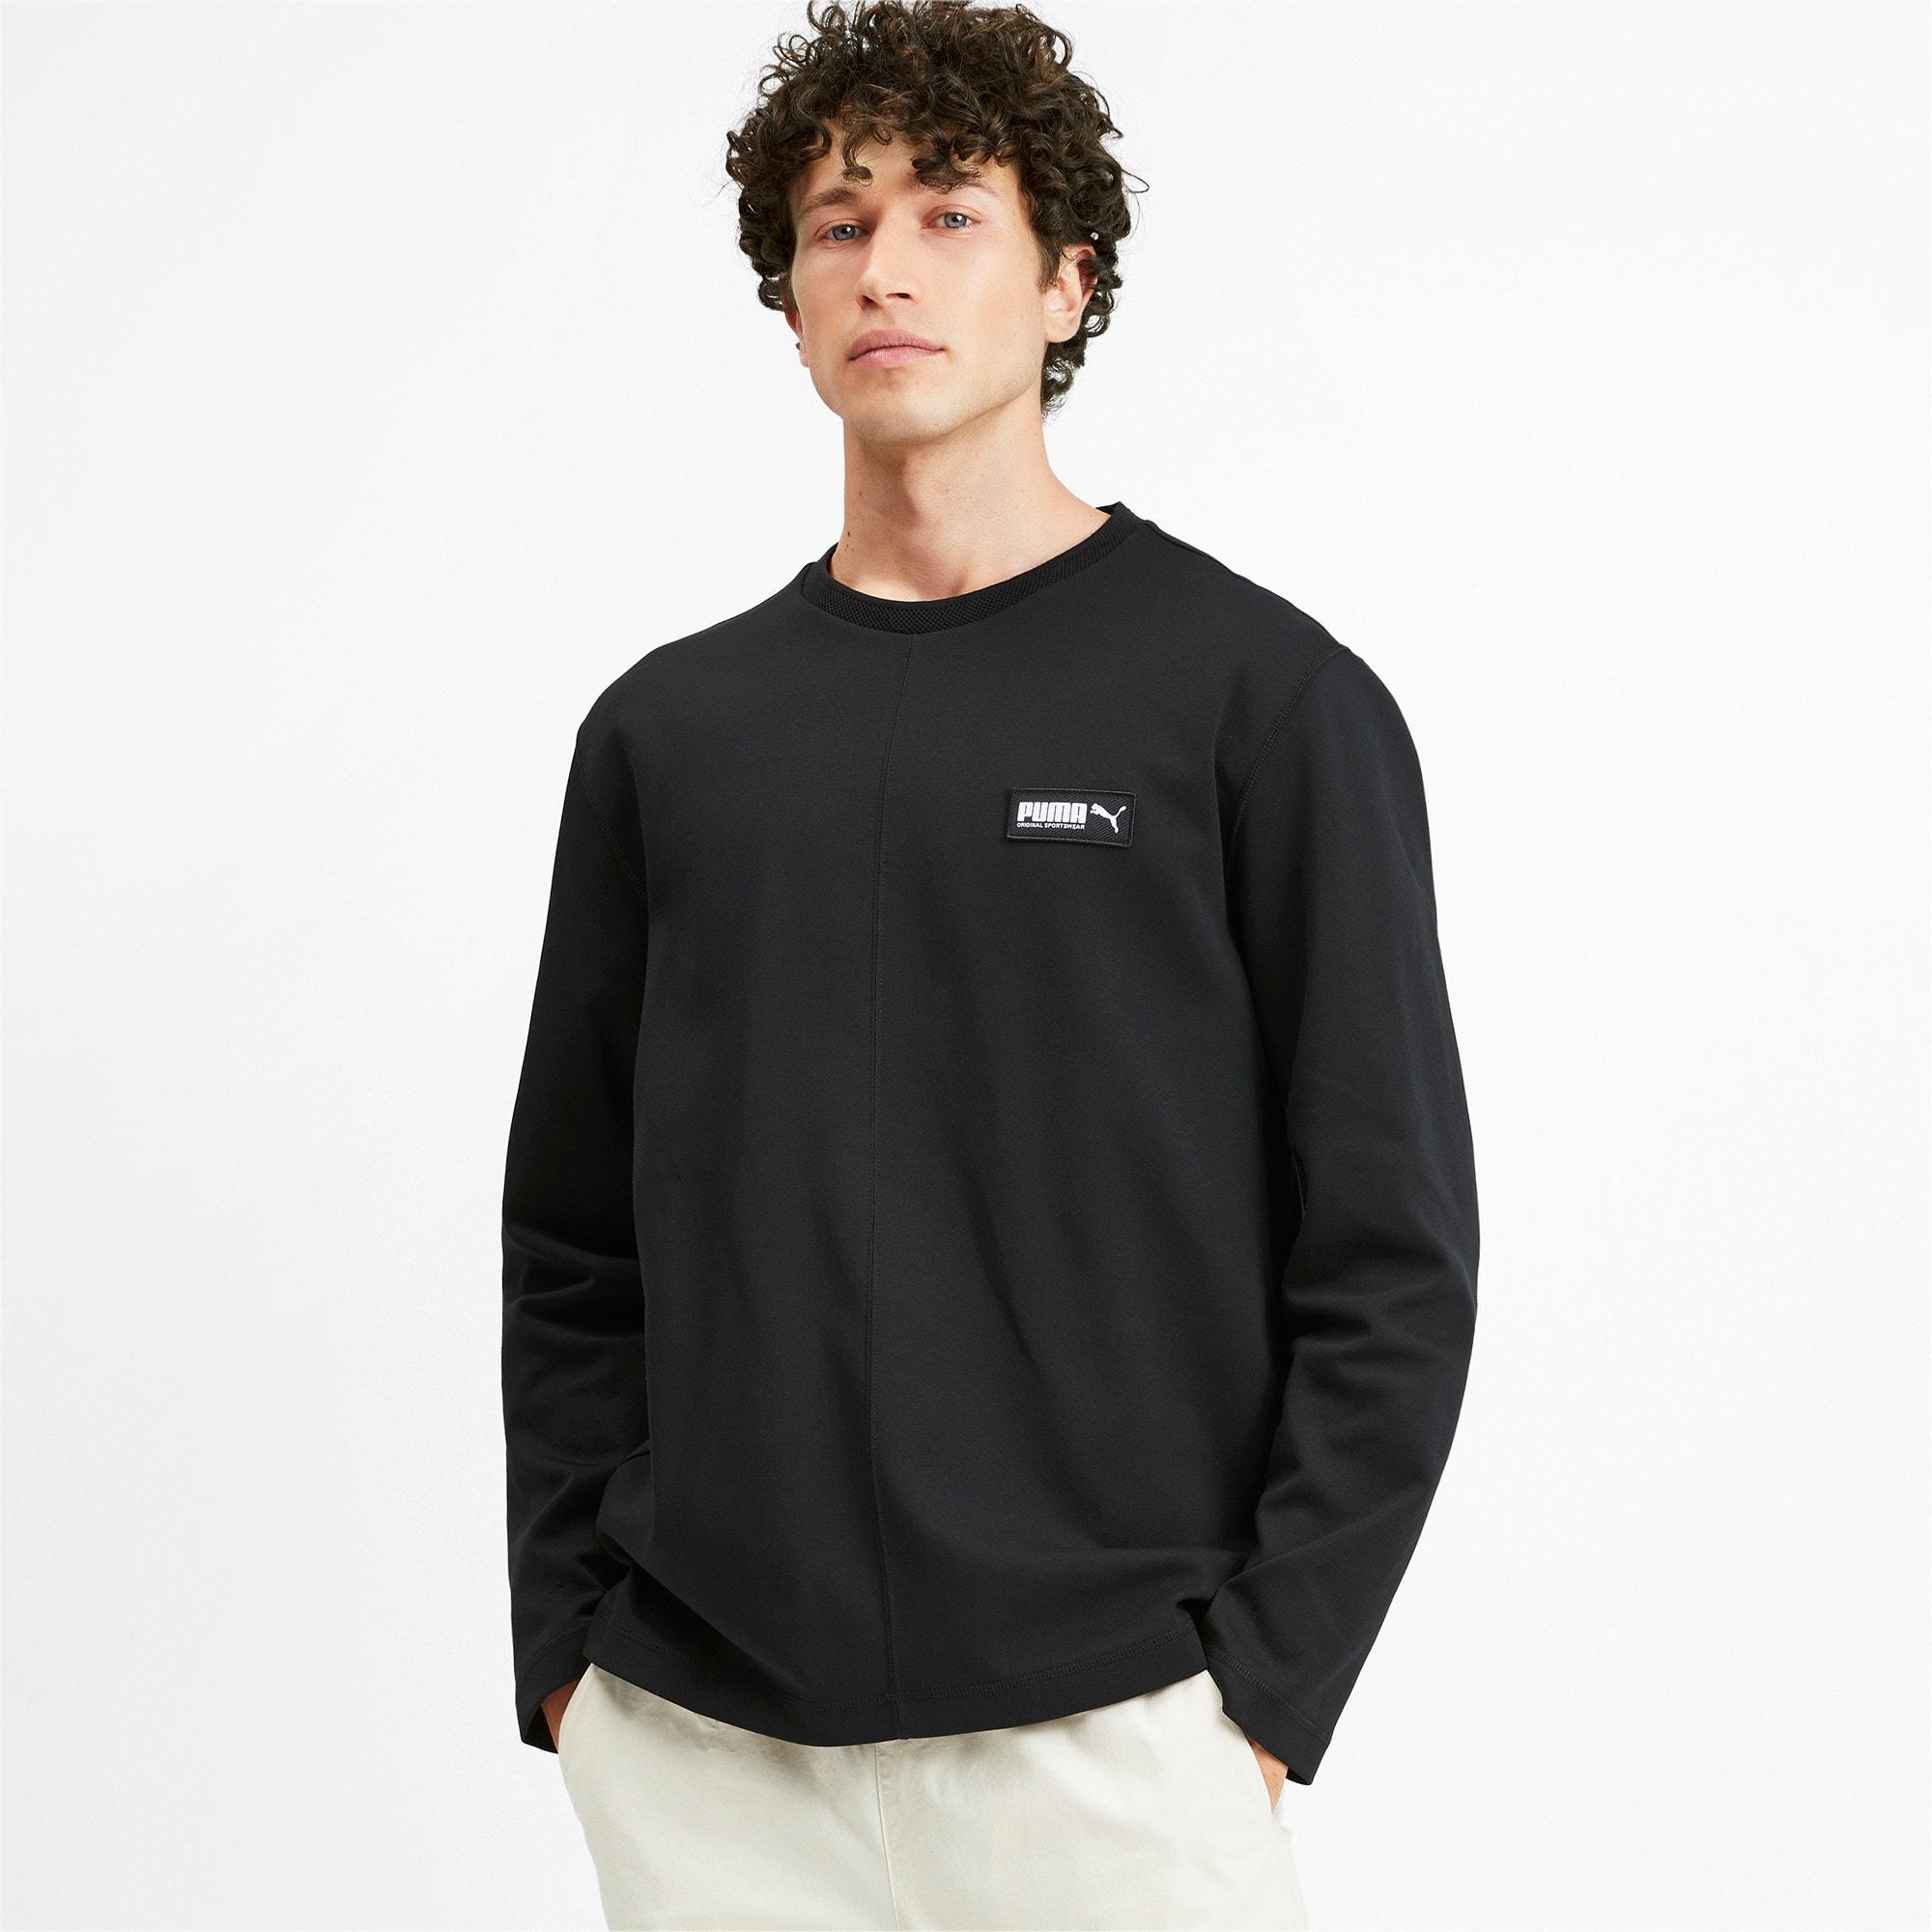 Thumbnail 1 of Fusion Crew Neck Men's Sweater, Puma Black, medium